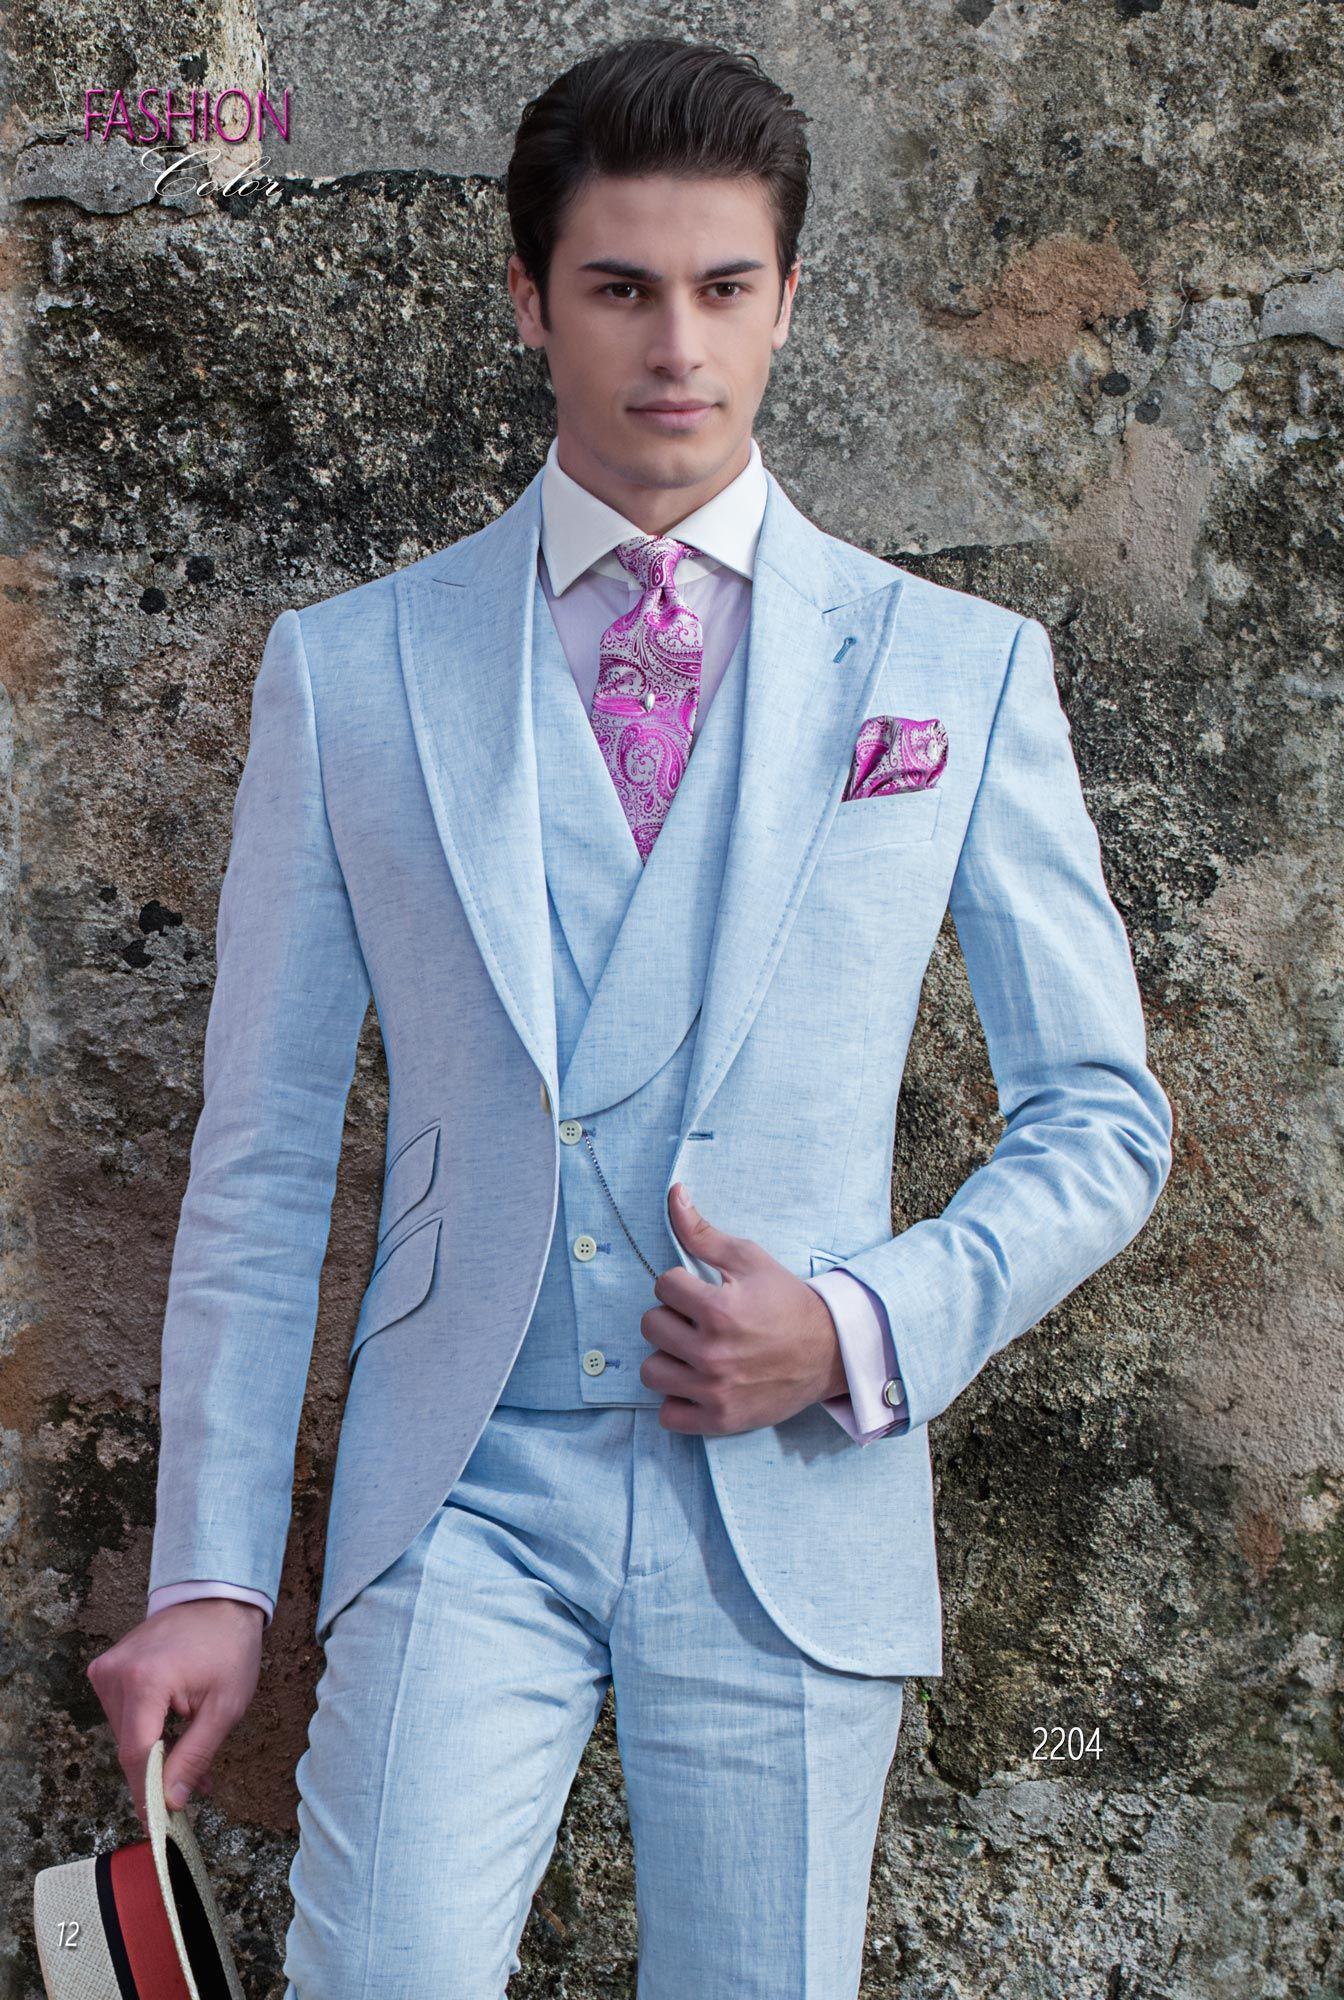 9b85257f4416 Abito vintage estivo moda sposo fashion puro lino celeste. Completo ONGala  2204. Collezione Fashion Color 2018